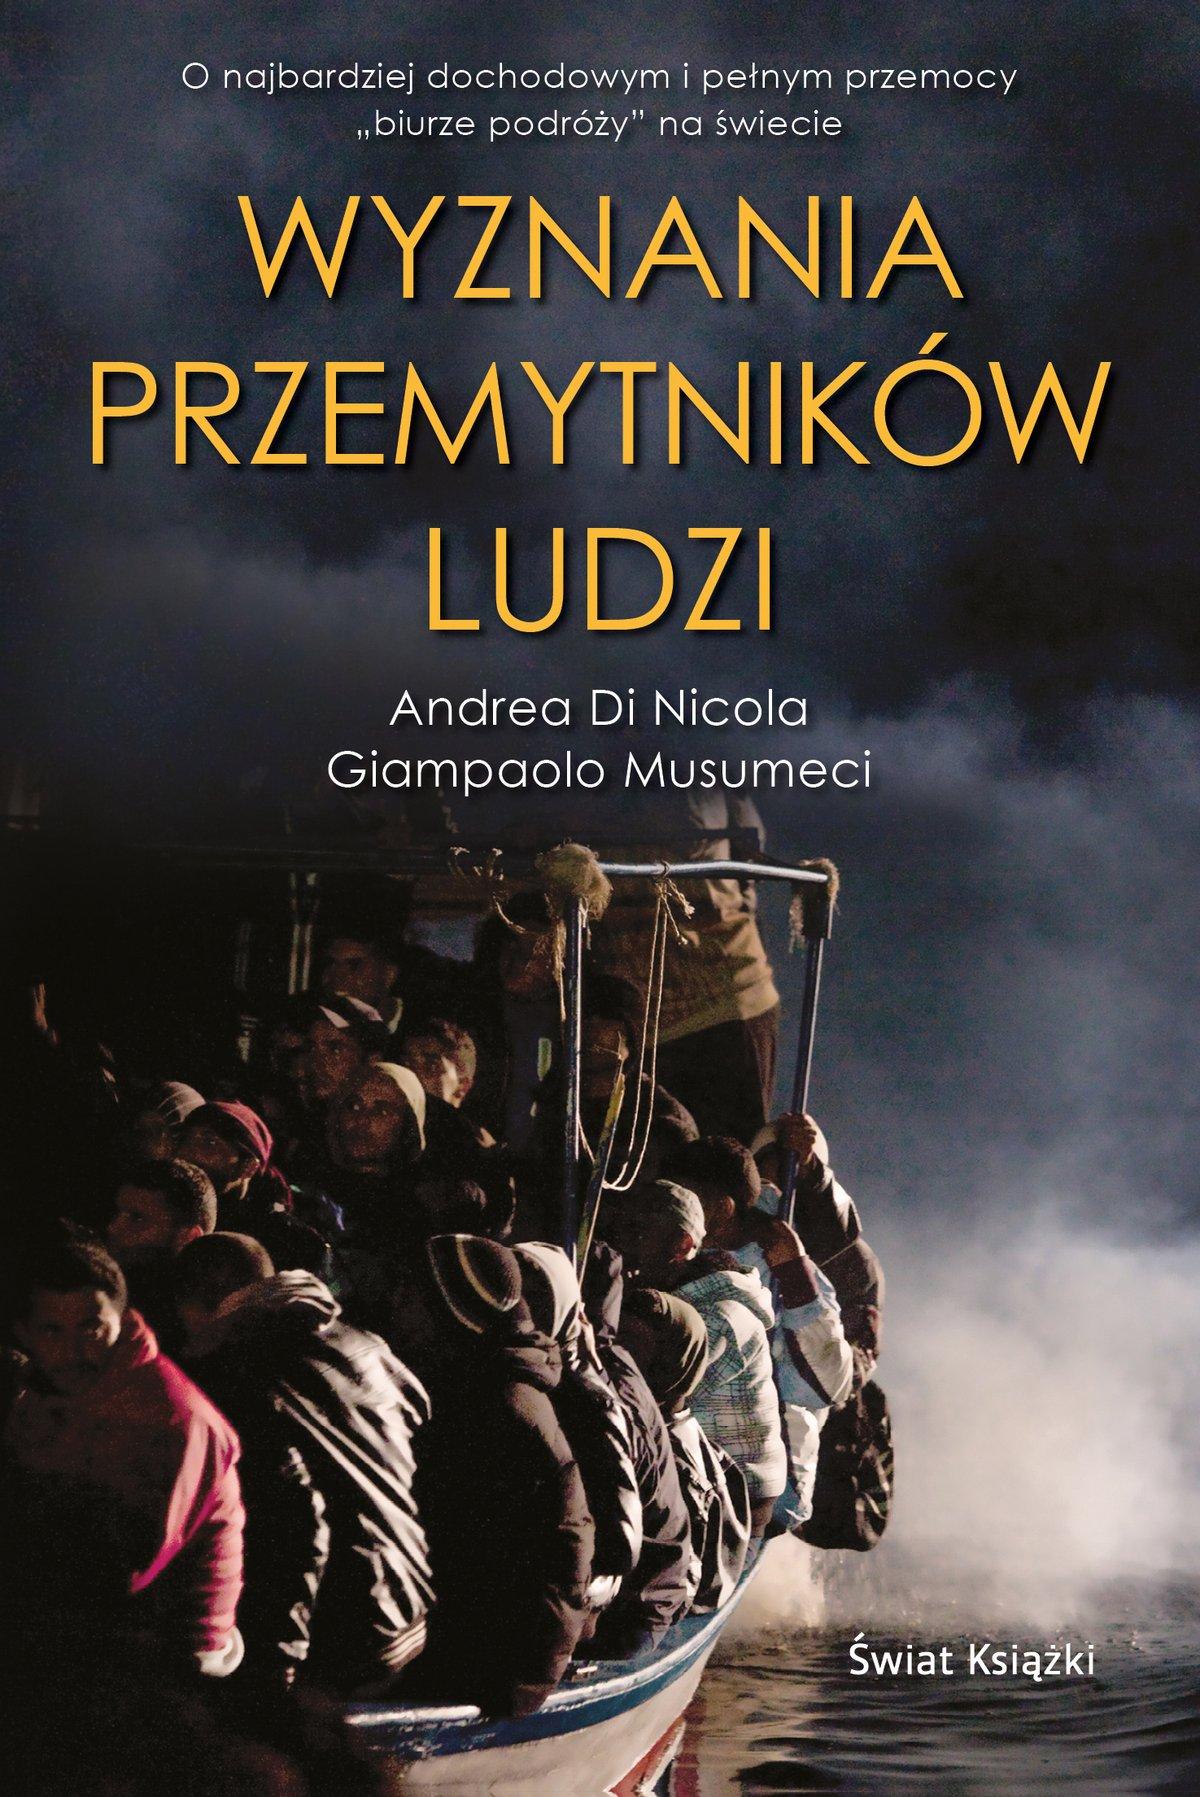 Wyznania przemytników ludzi - Ebook (Książka EPUB) do pobrania w formacie EPUB